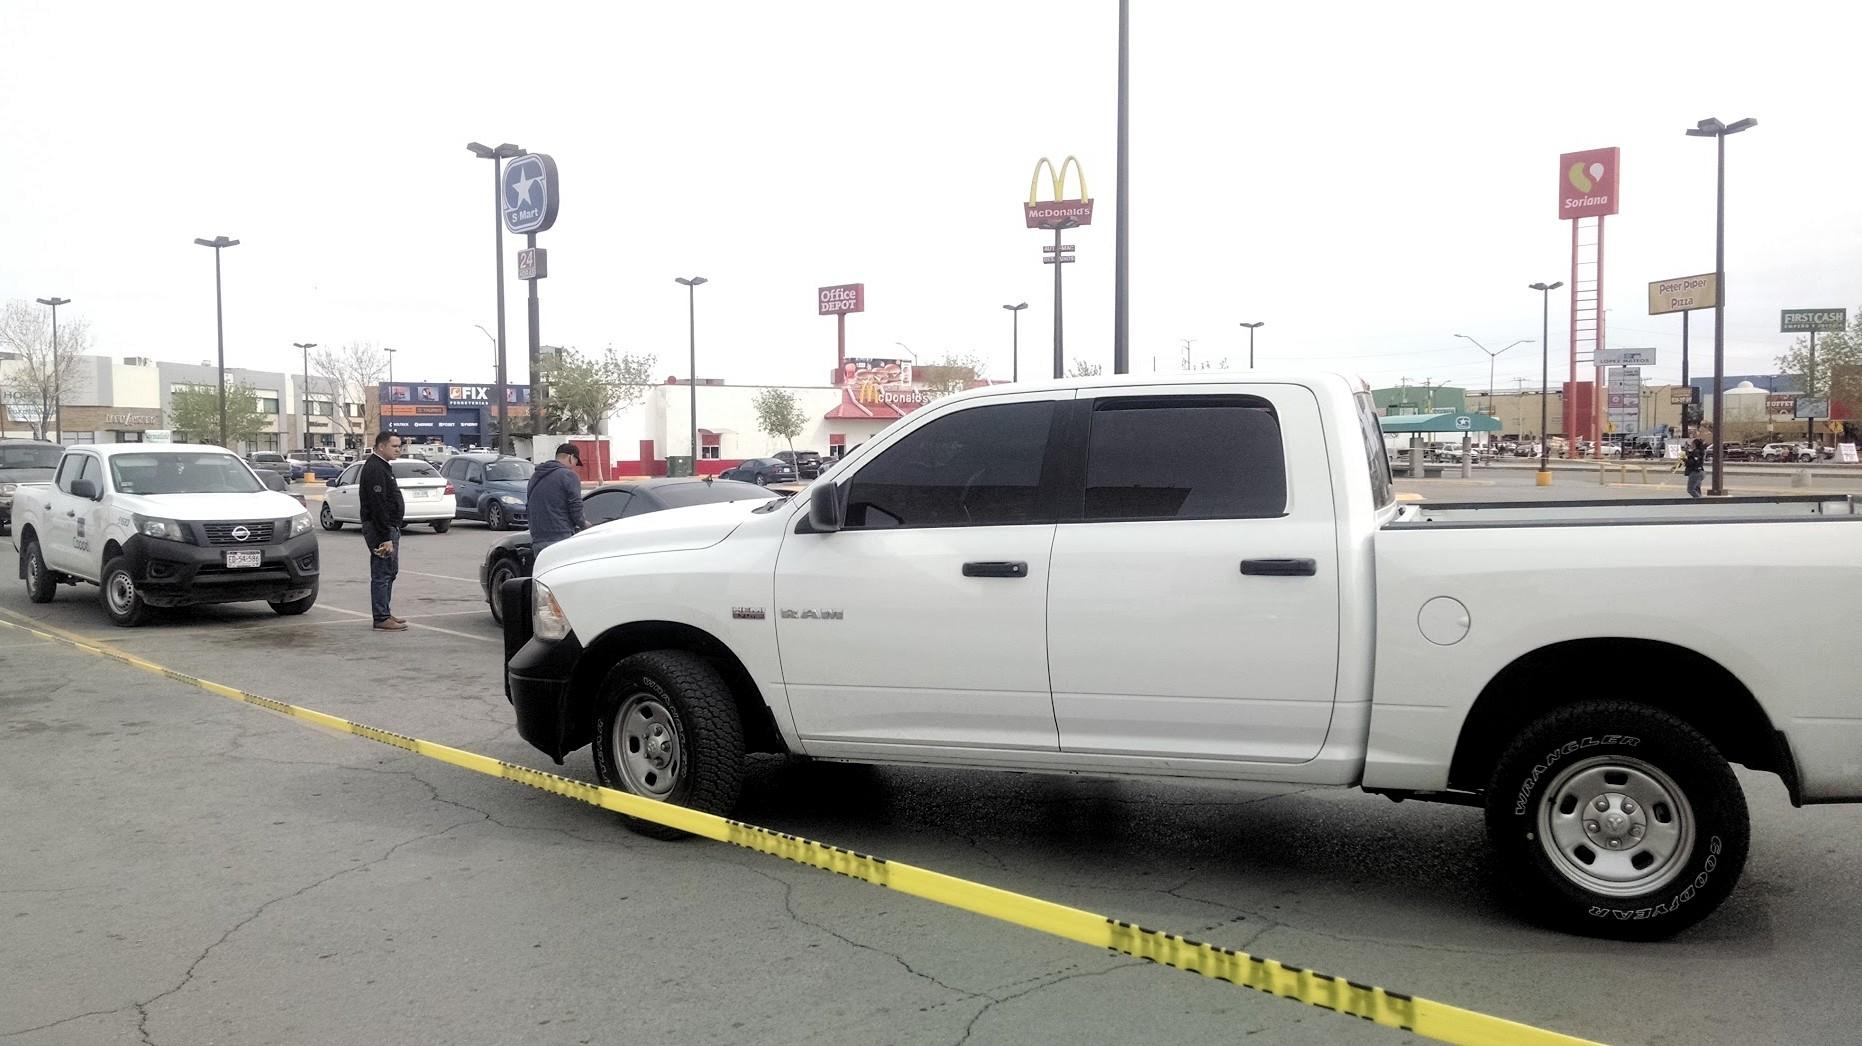 Ejecutaron al chofer de Ulises Pacheco, coordinador MP, y acompañante — Juárez